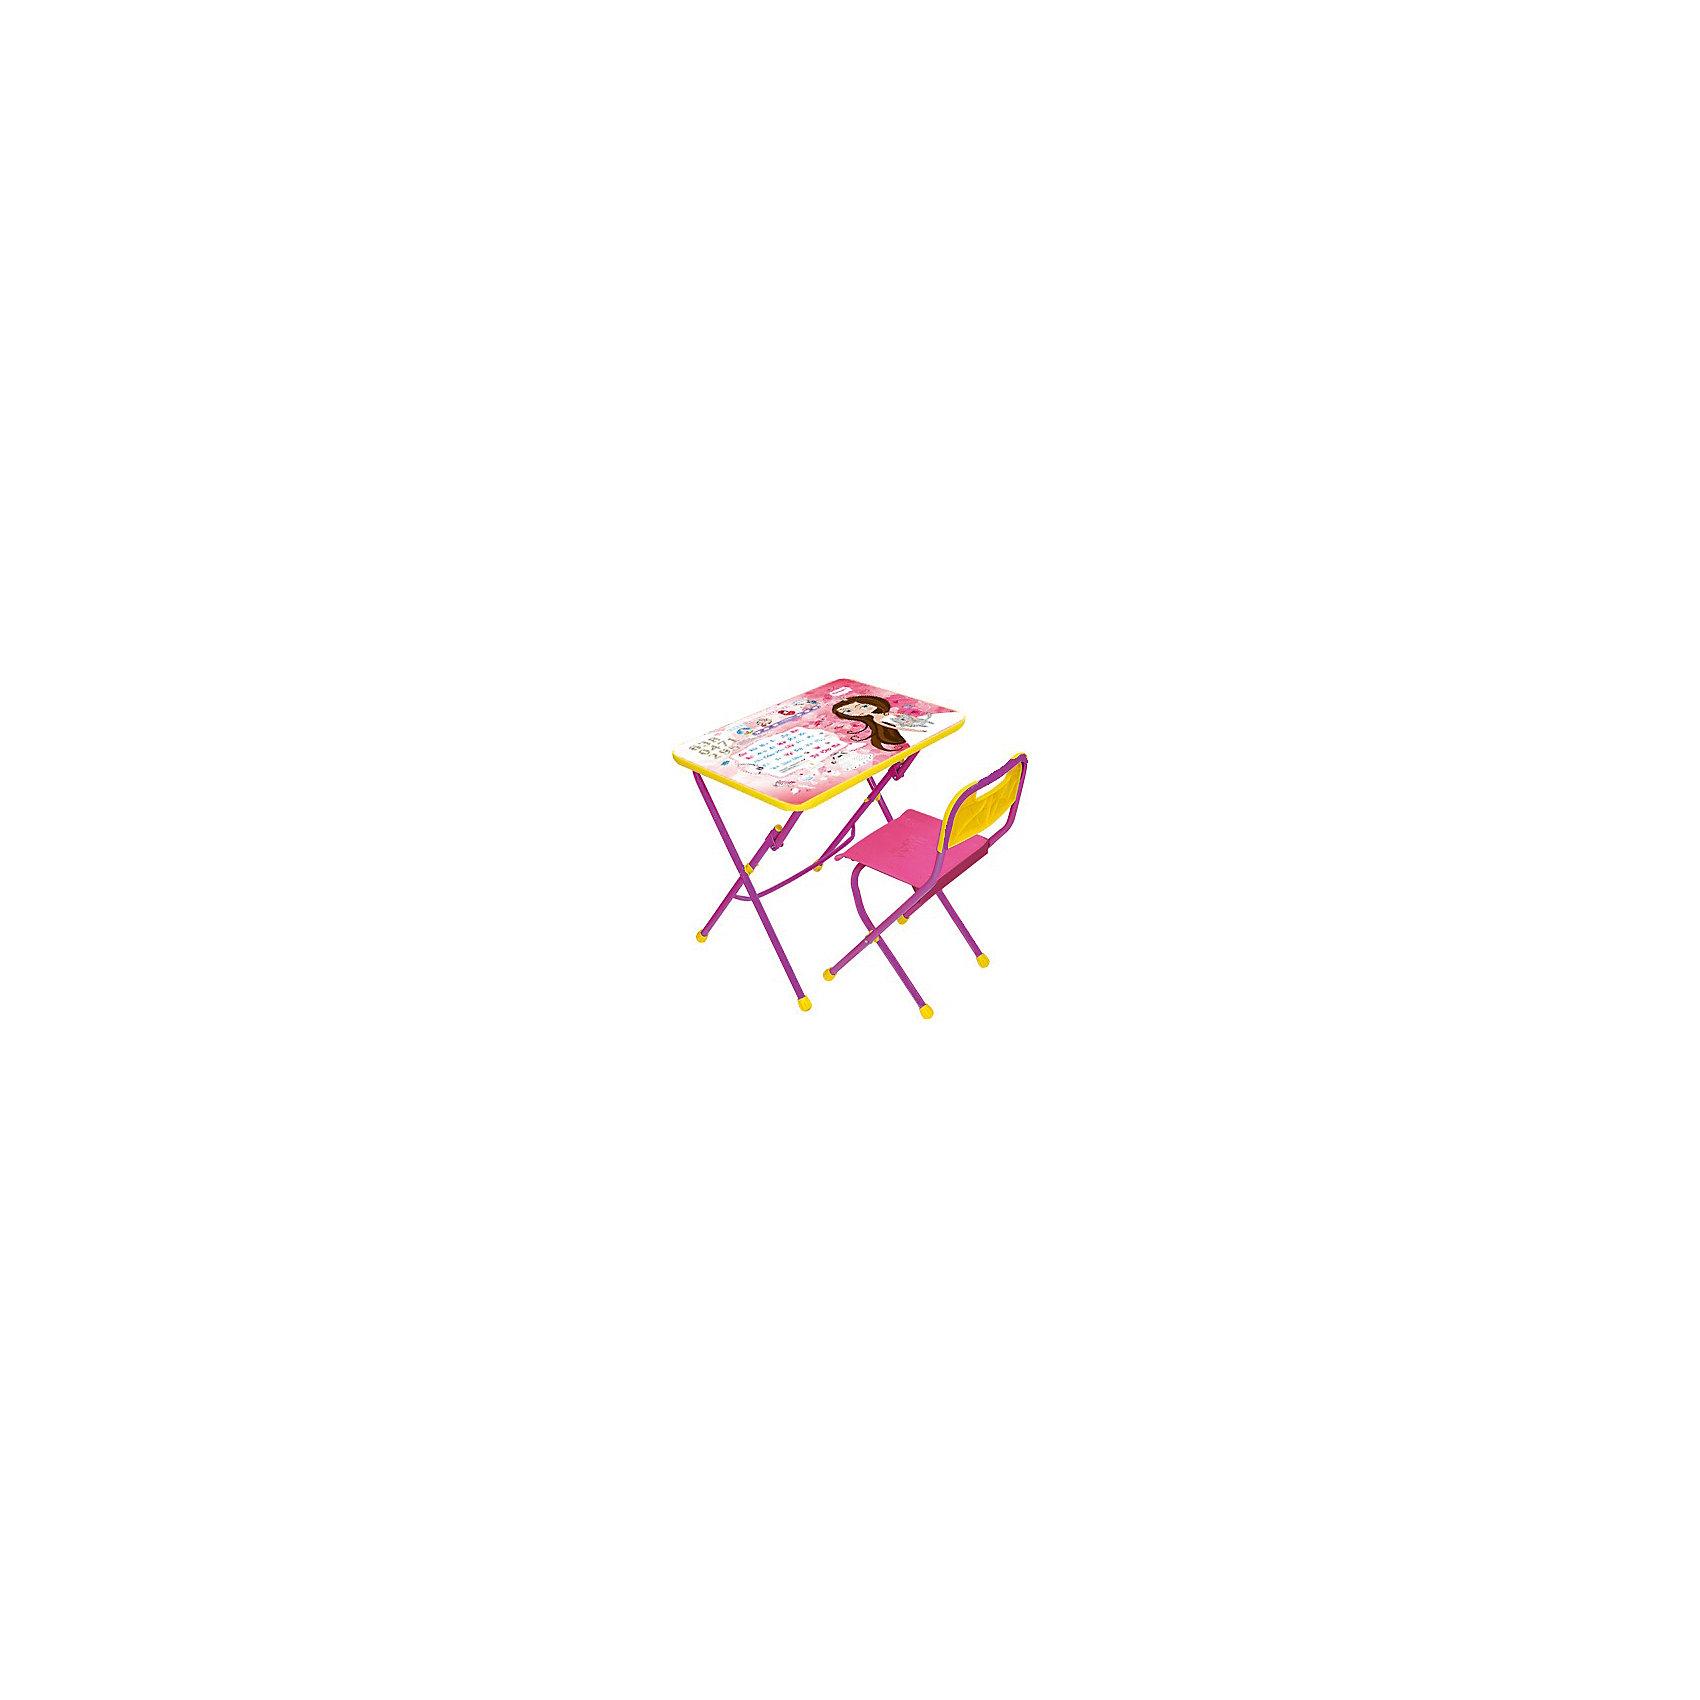 Набор мебели Маленькая принцессаСтолы и стулья<br>Набор детской мебели Маленькая принцесса состоит из двух предметов: стол-парта и стульчик.  На крышке столика изображены рисунки способствующие развитию ребенка.<br><br><br>Дополнительная информация:<br><br>В комплект входит стол-парта и стул с пластиковым сиденьем.<br>- Металлический каркас.<br>- Столешница облицована пленкой с тематическими рисунками.<br>- На ножках стула установлены пластмассовые наконечники.<br>- Размер столика: 60х45х57 см.<br>- Размер стула: высота до сиденья 34 см, высота со спинкой 59 см.<br>Сиденье: 30х30 см.<br>- Возраст: от 3-х лет<br><br>Набор мебели Маленькая принцесса можно купить в нашем магазине.<br><br>Ширина мм: 580<br>Глубина мм: 120<br>Высота мм: 450<br>Вес г: 7050<br>Возраст от месяцев: 36<br>Возраст до месяцев: 108<br>Пол: Унисекс<br>Возраст: Детский<br>SKU: 4718359